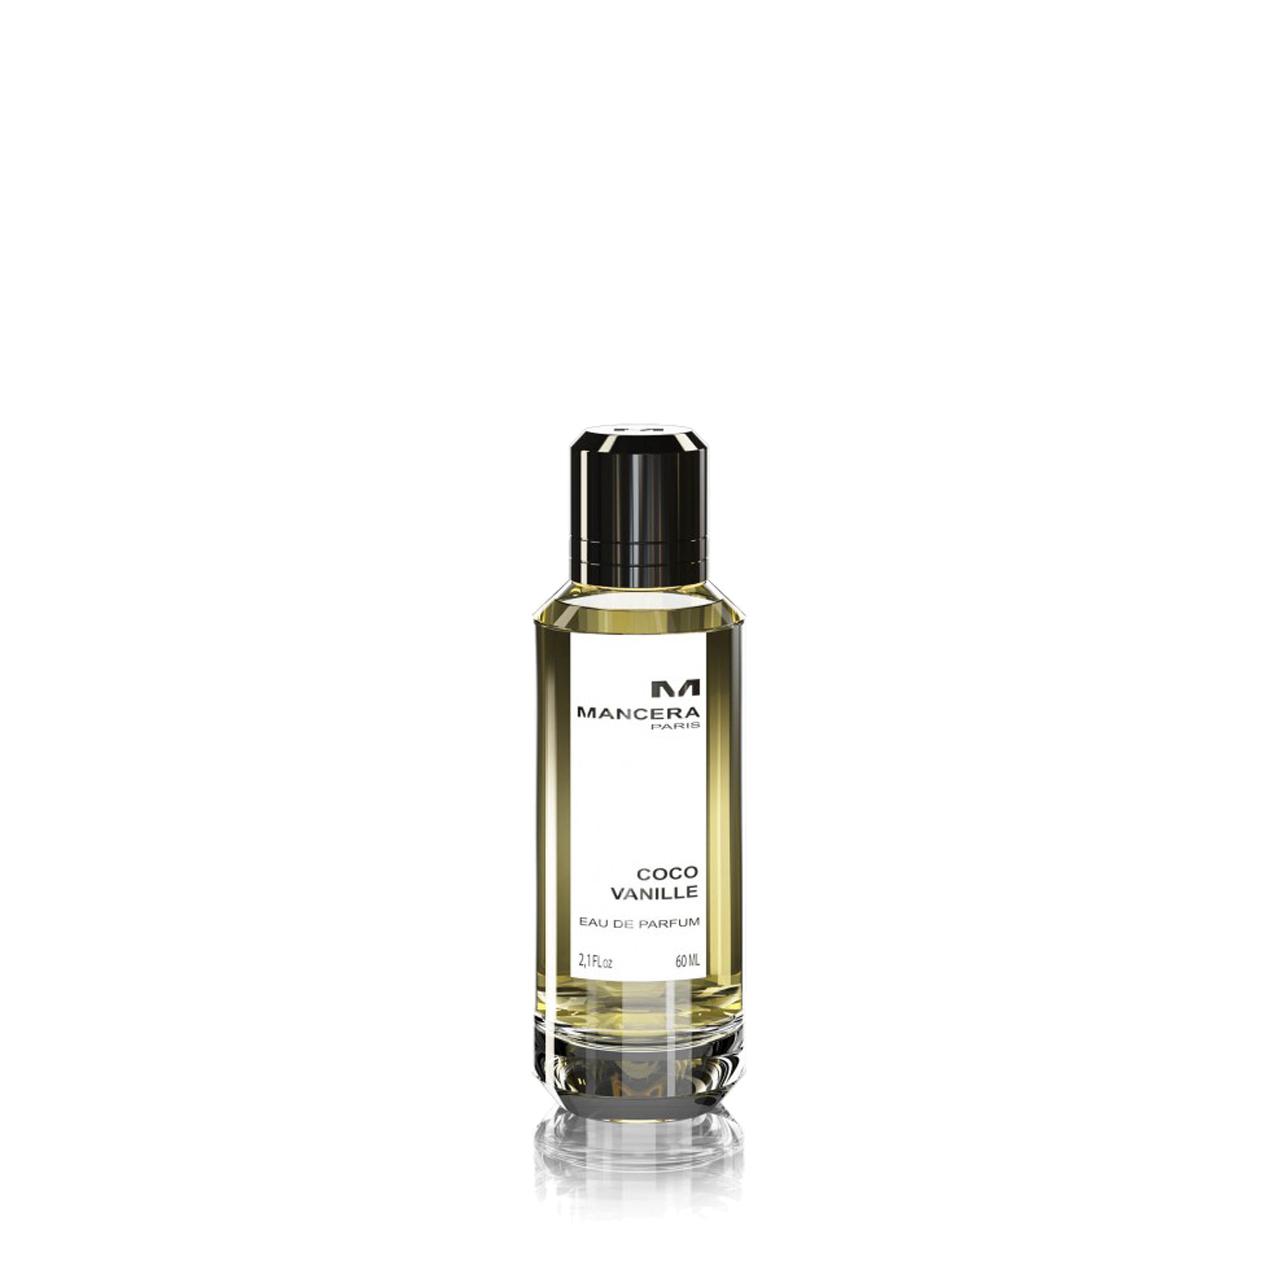 Coco Vanille - Eau de Parfum